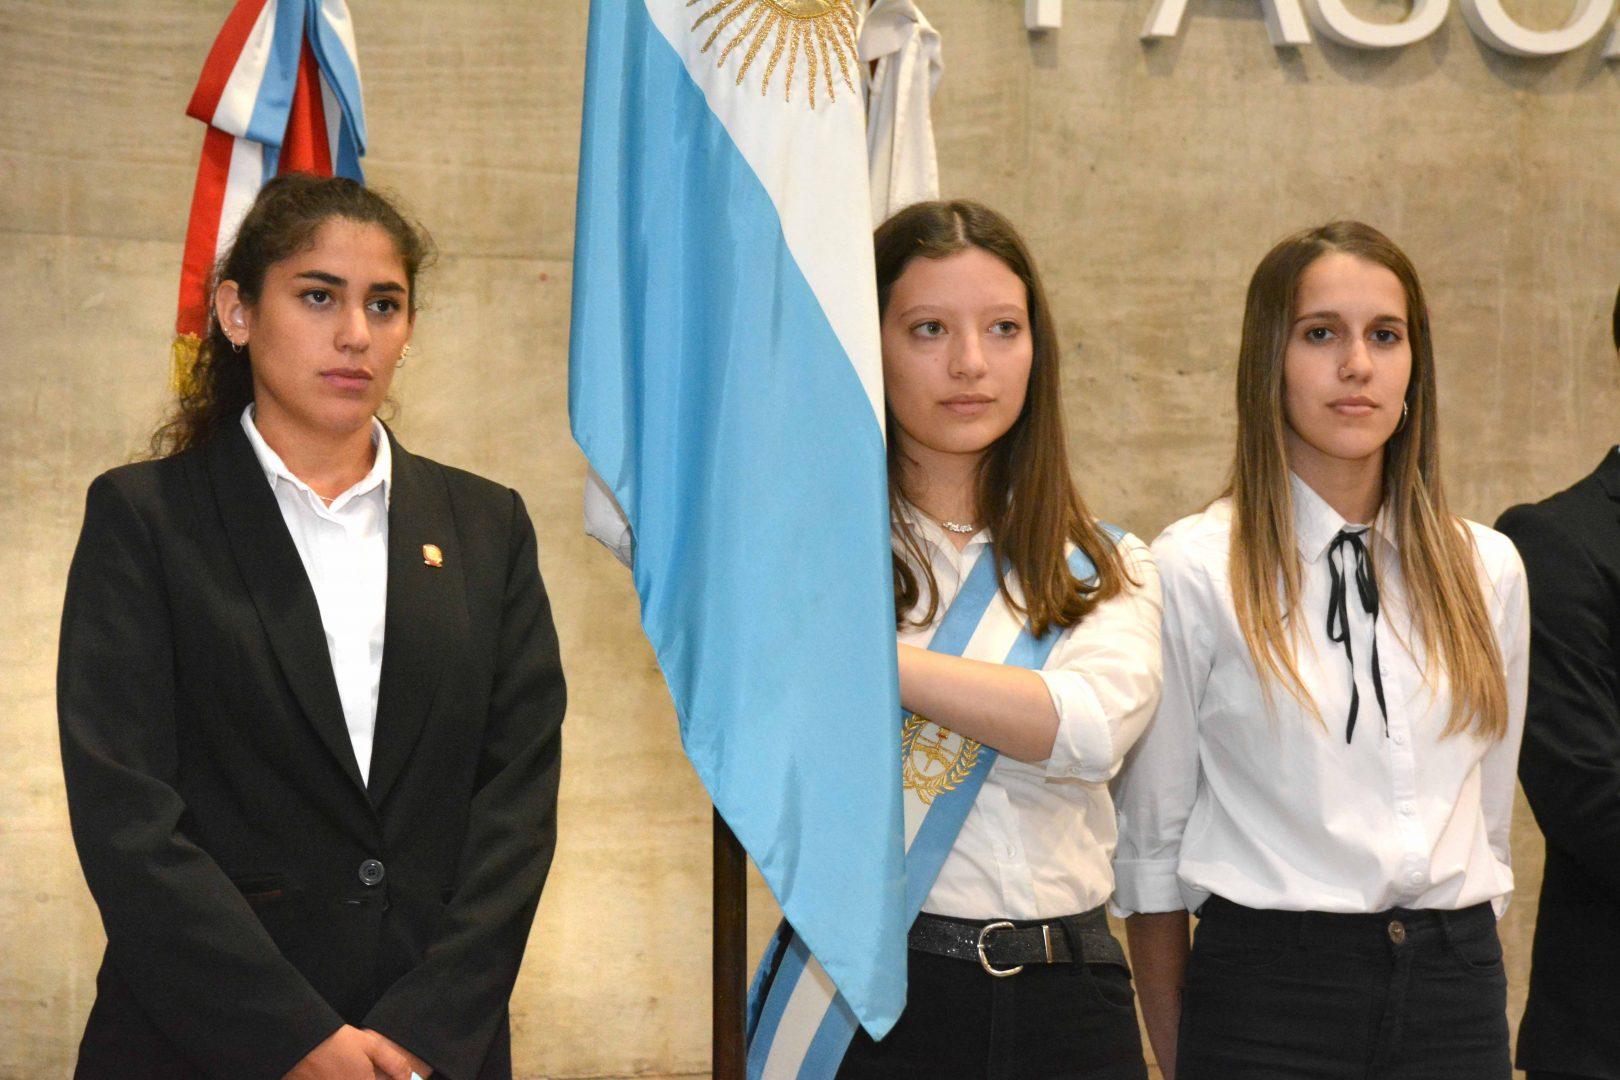 Estudiantes reciben premio por el mérito académico